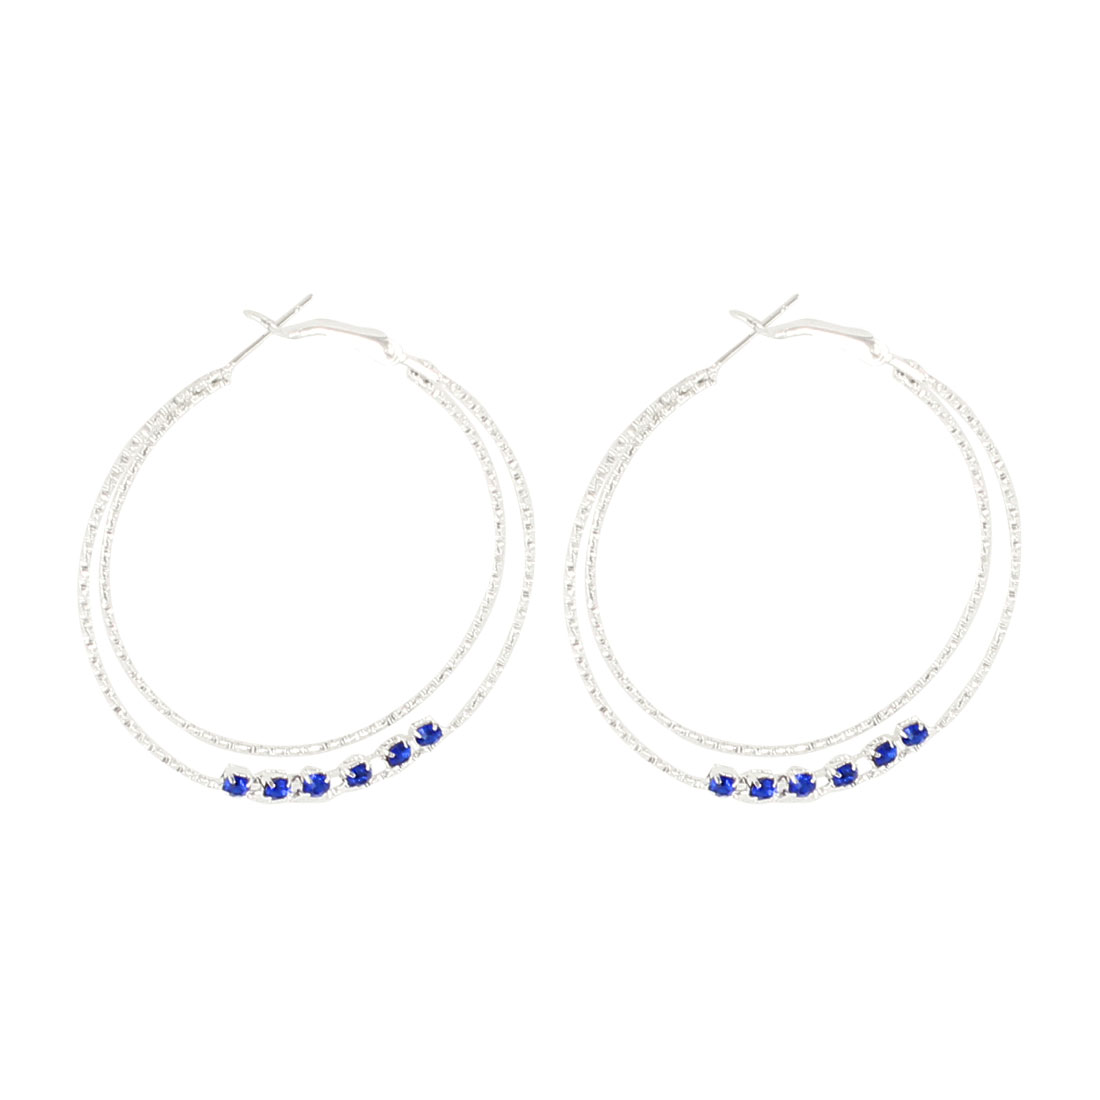 Pair 4.8cm Dia Blue Faux Crystal Detail Silver Tone Metallic Spring Hoop Earrings Eardrop for Lady